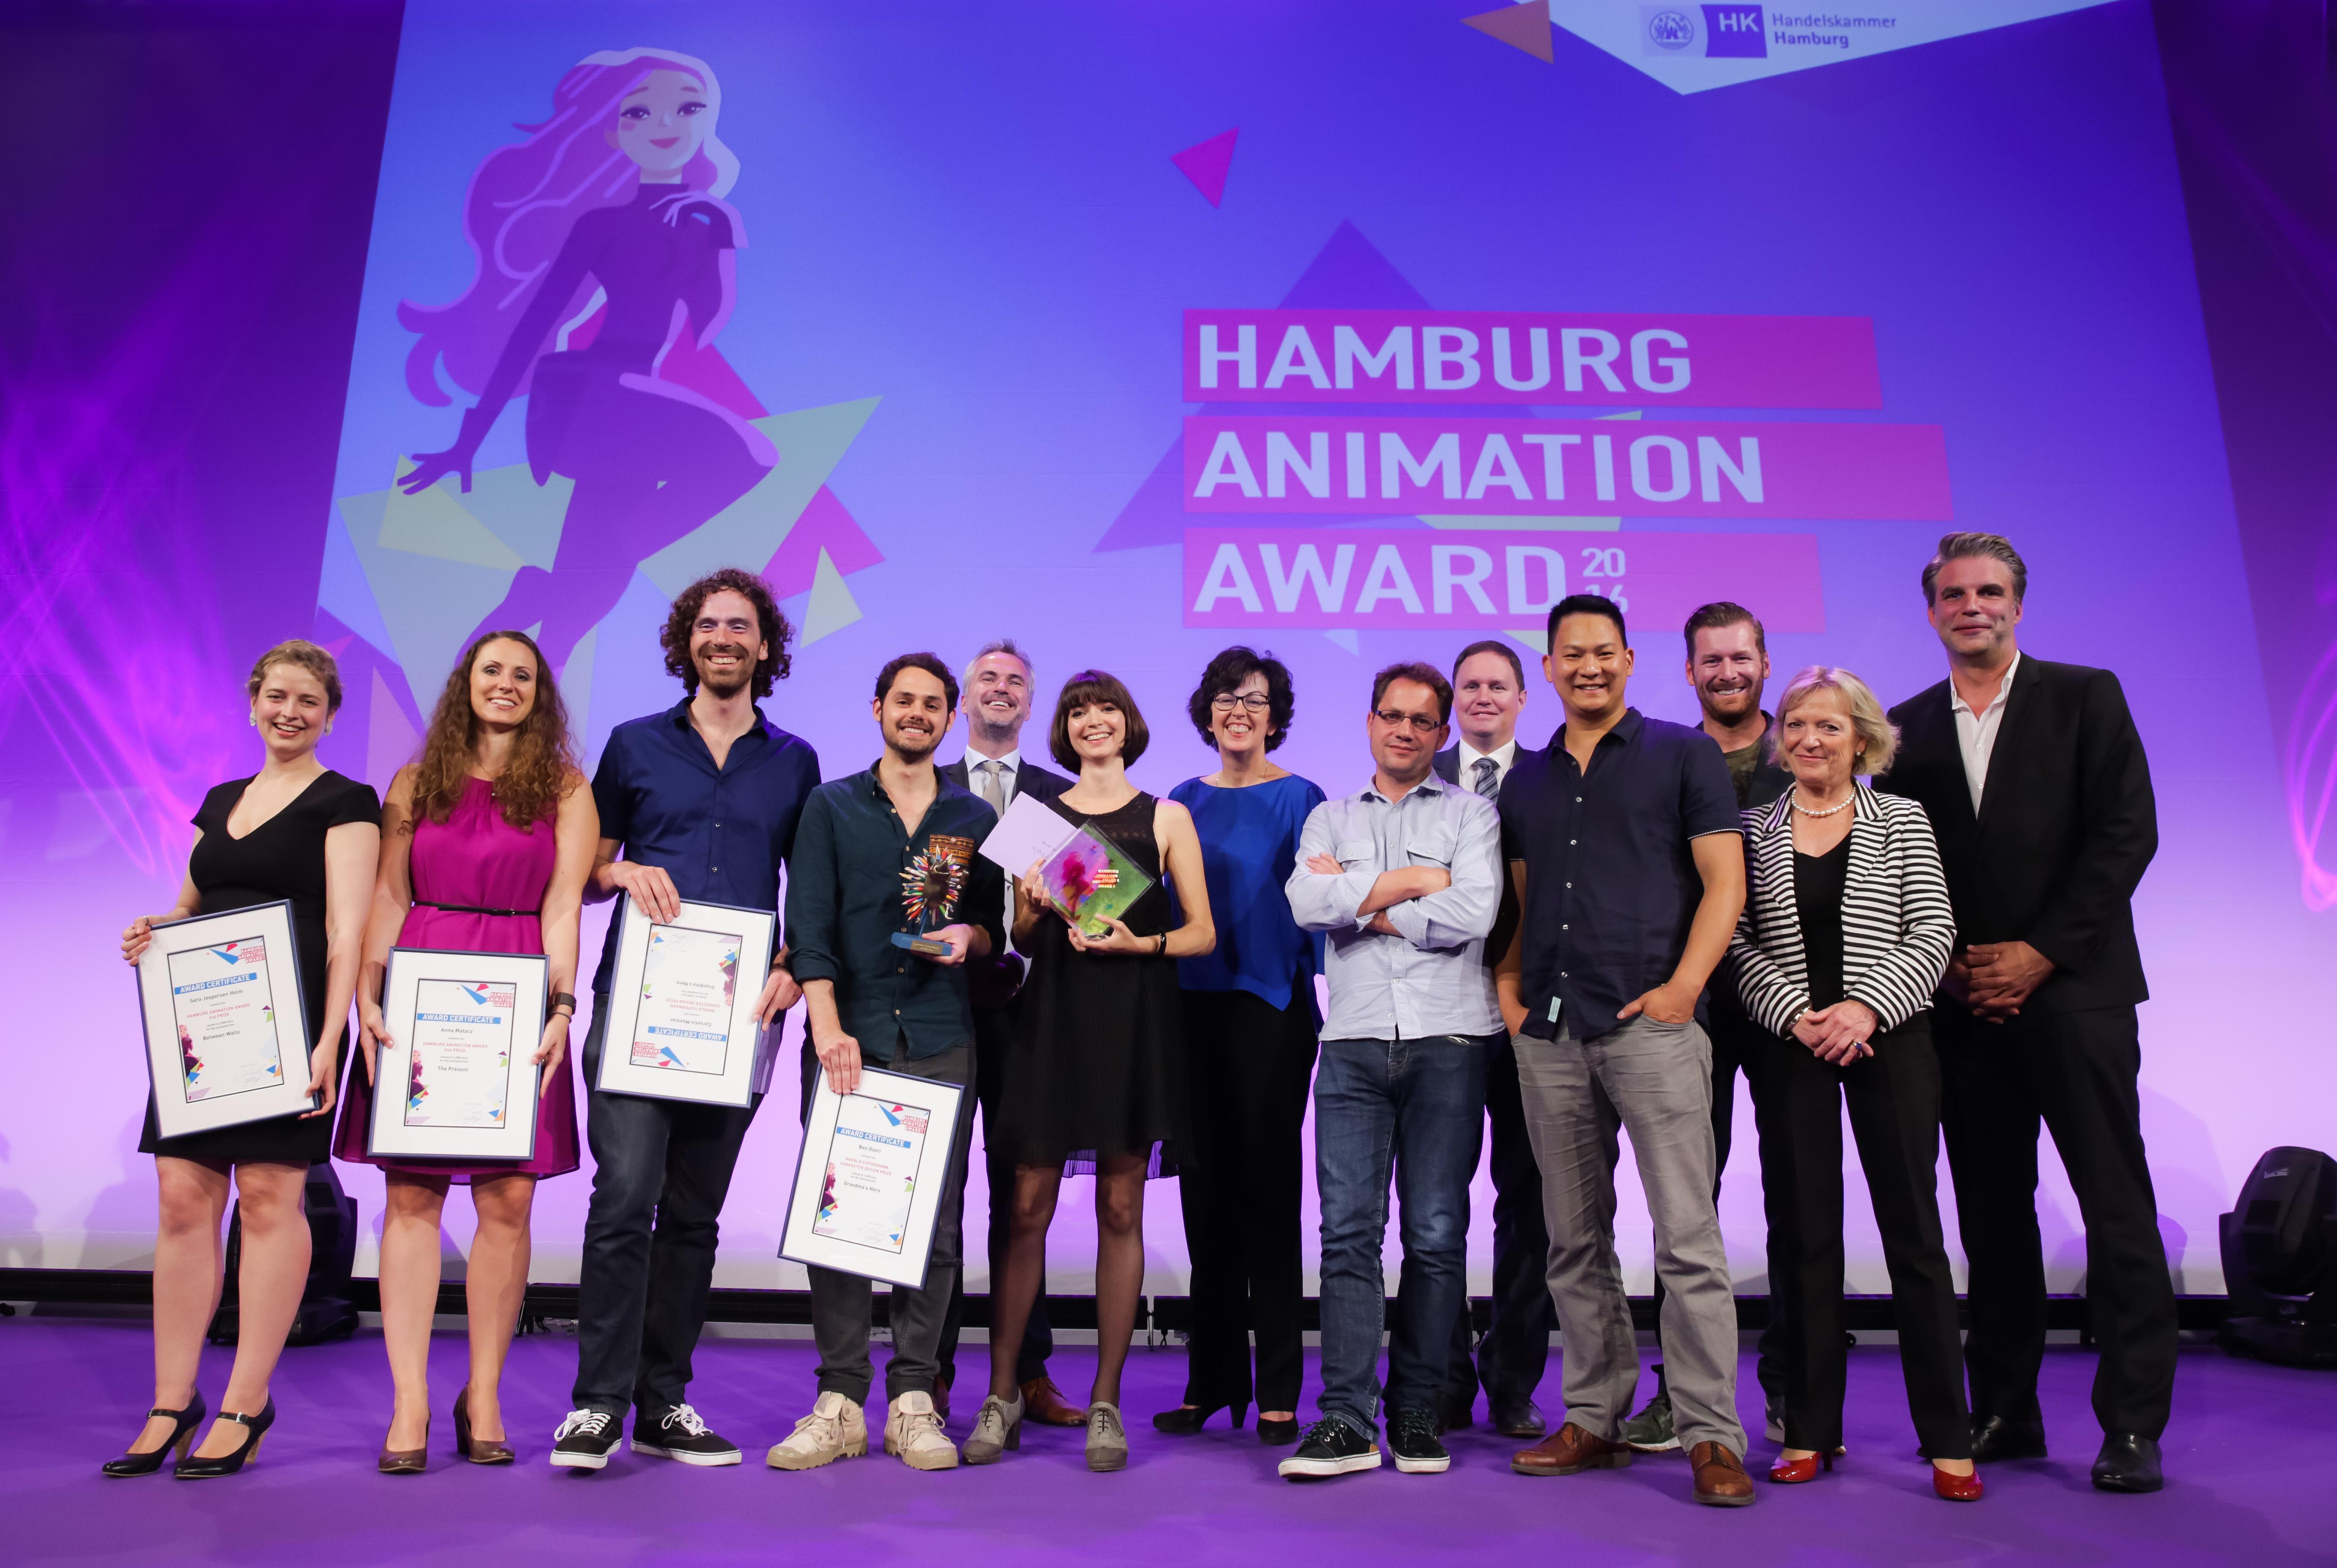 2018 kein Hamburg Animation Award mehr – die Conference aber bleibt